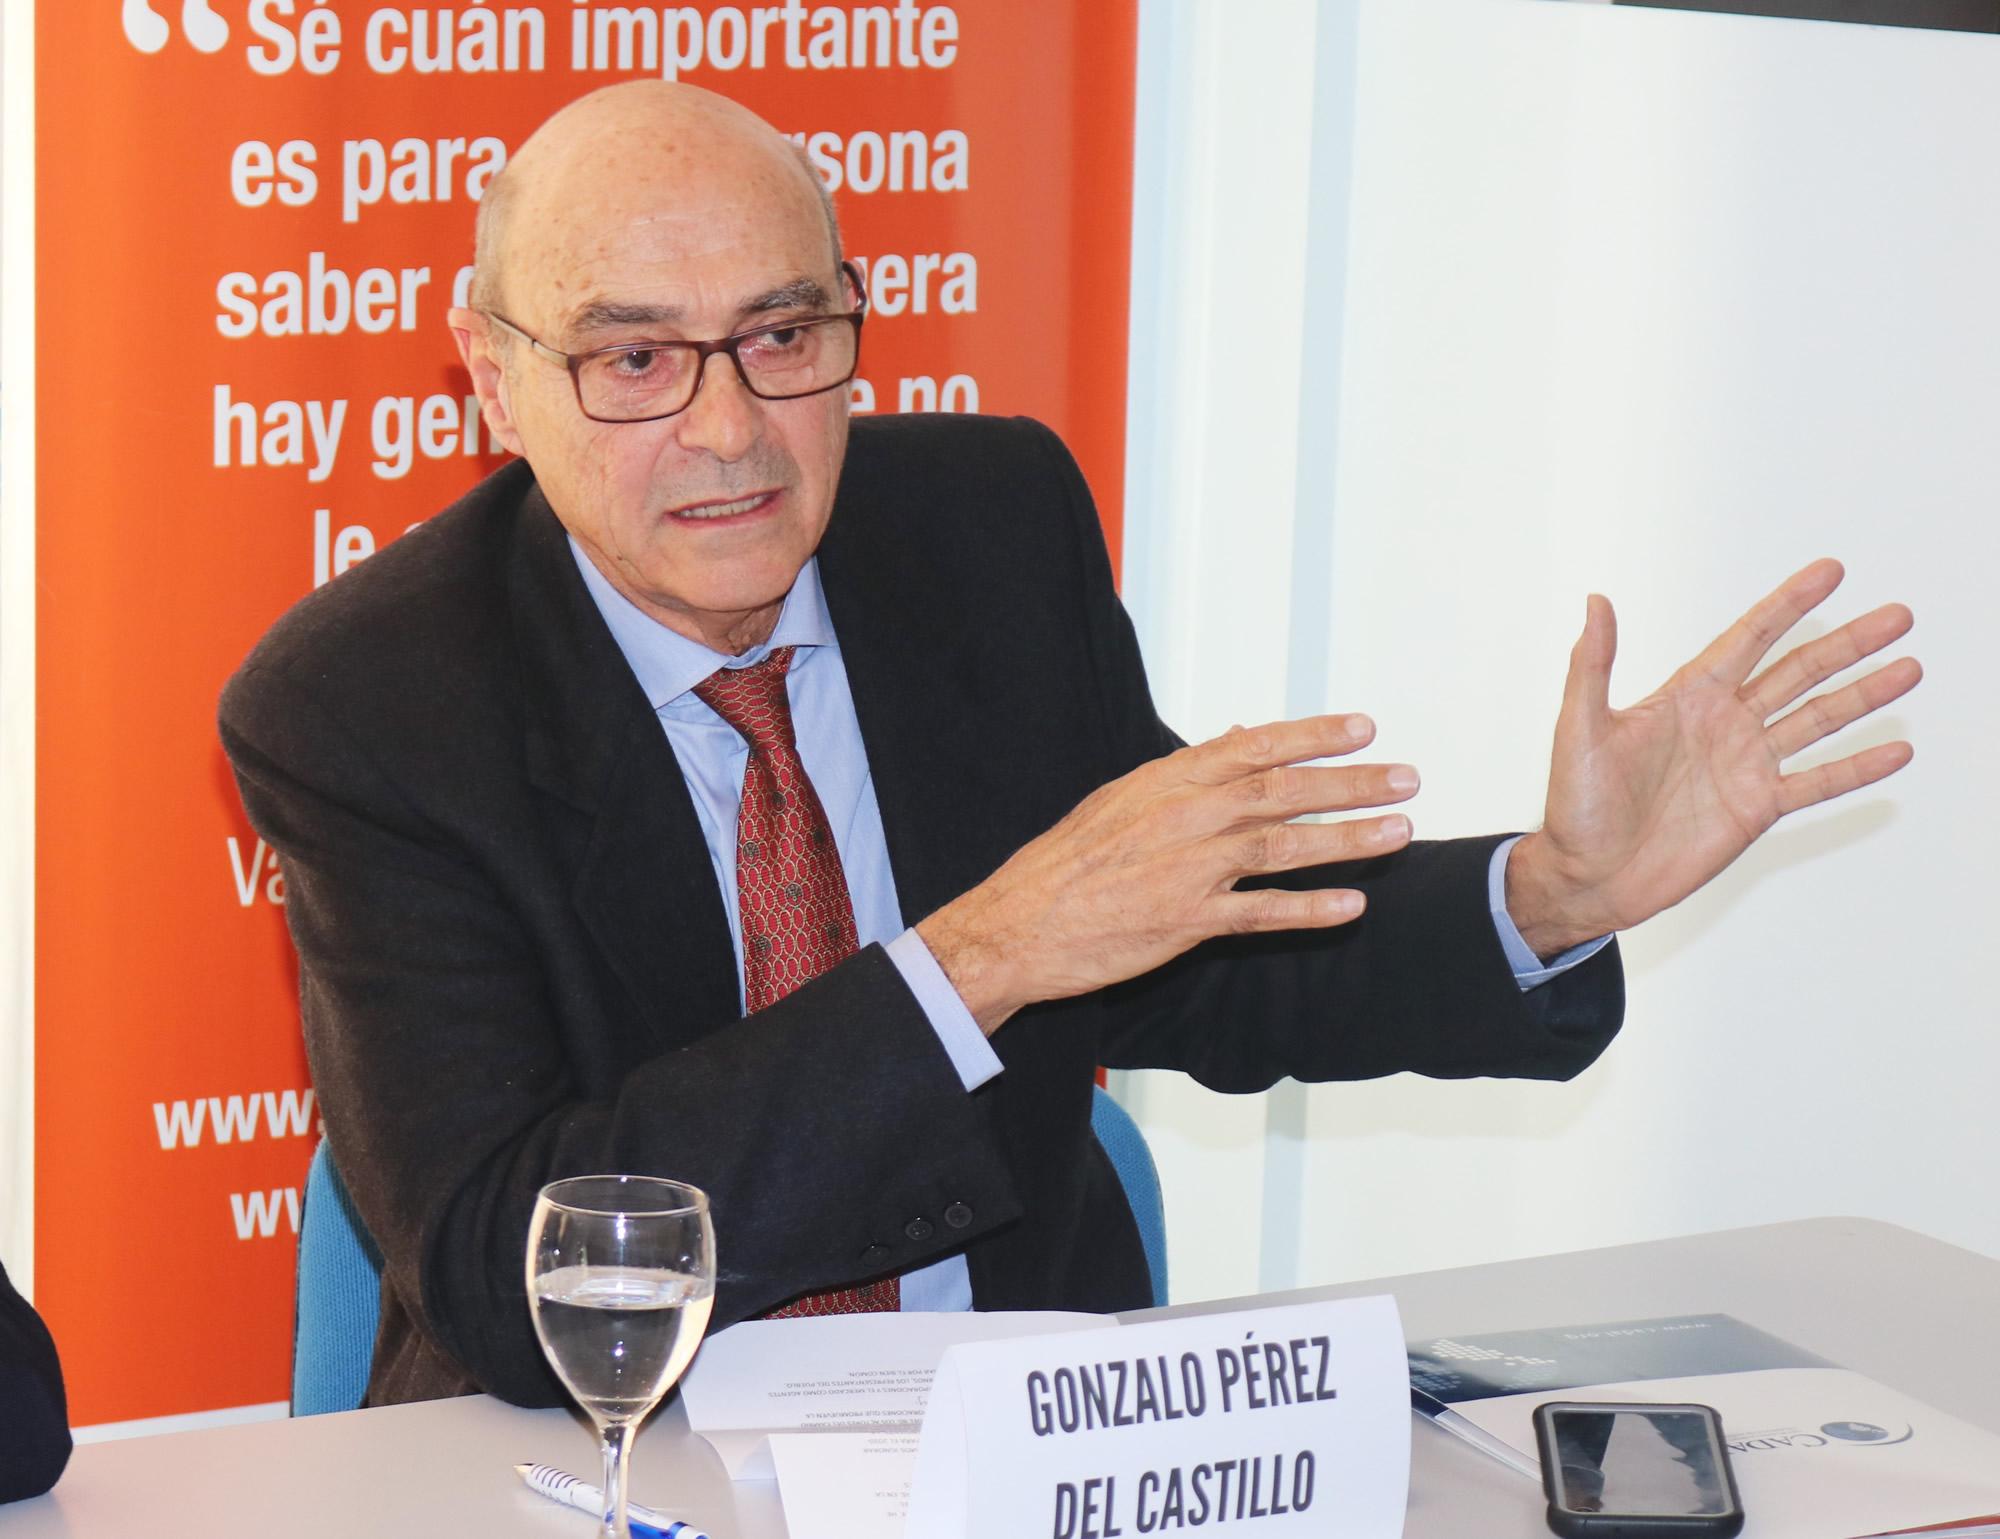 Gonzalo Perez del Castillo